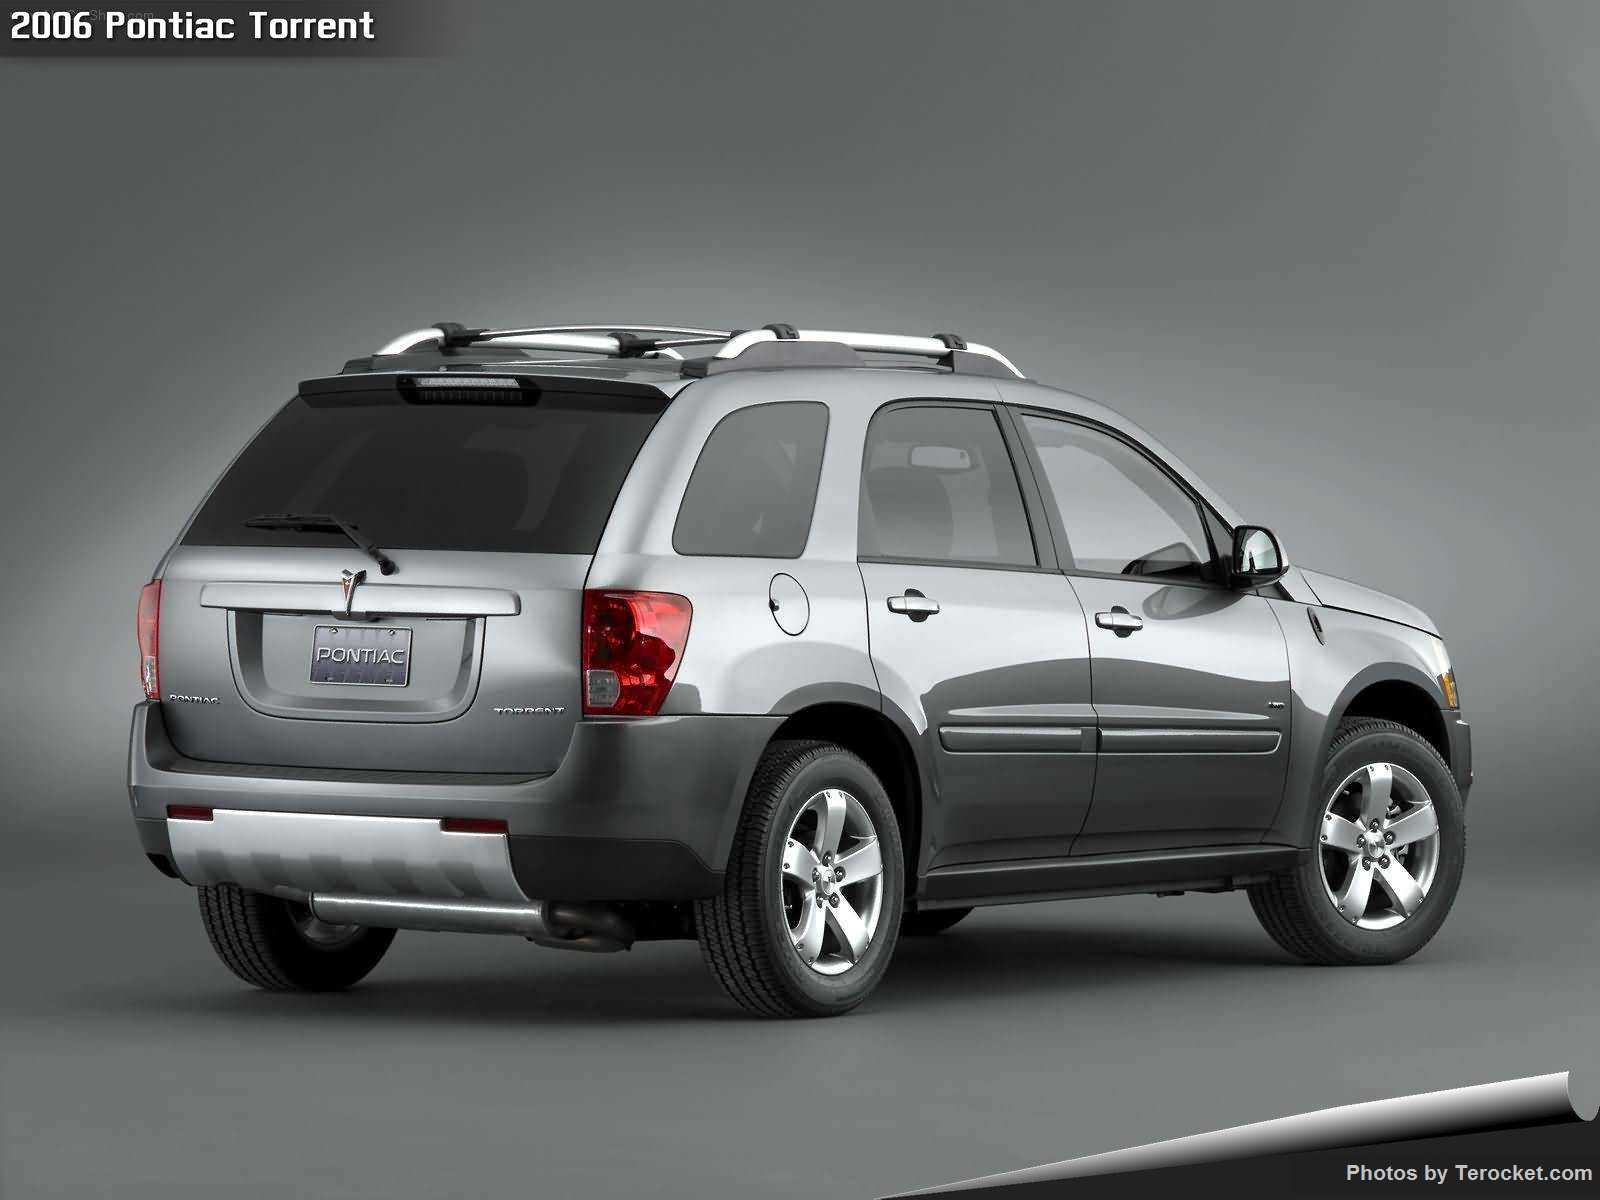 Hình ảnh xe ô tô Pontiac Torrent 2006 & nội ngoại thất